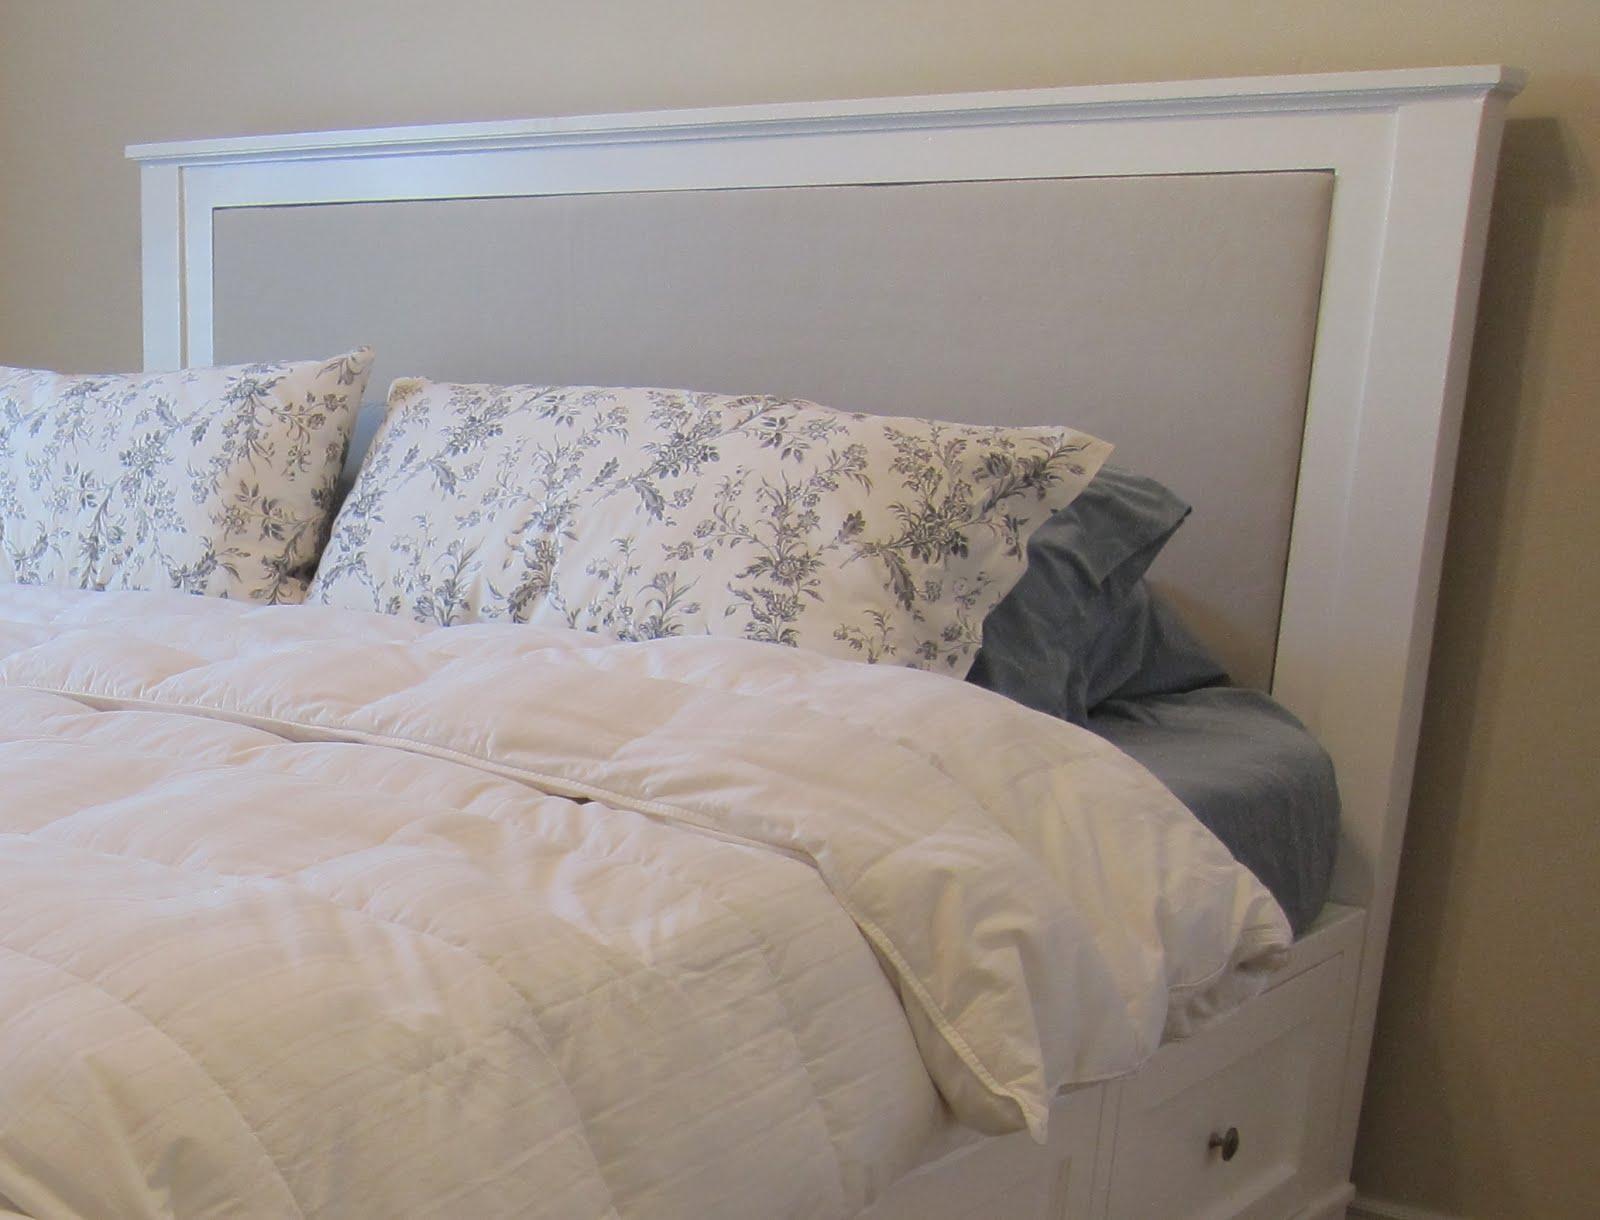 Кровать своими руками из дерева – общие рекомендации и пошаговая инструкция по изготовлению